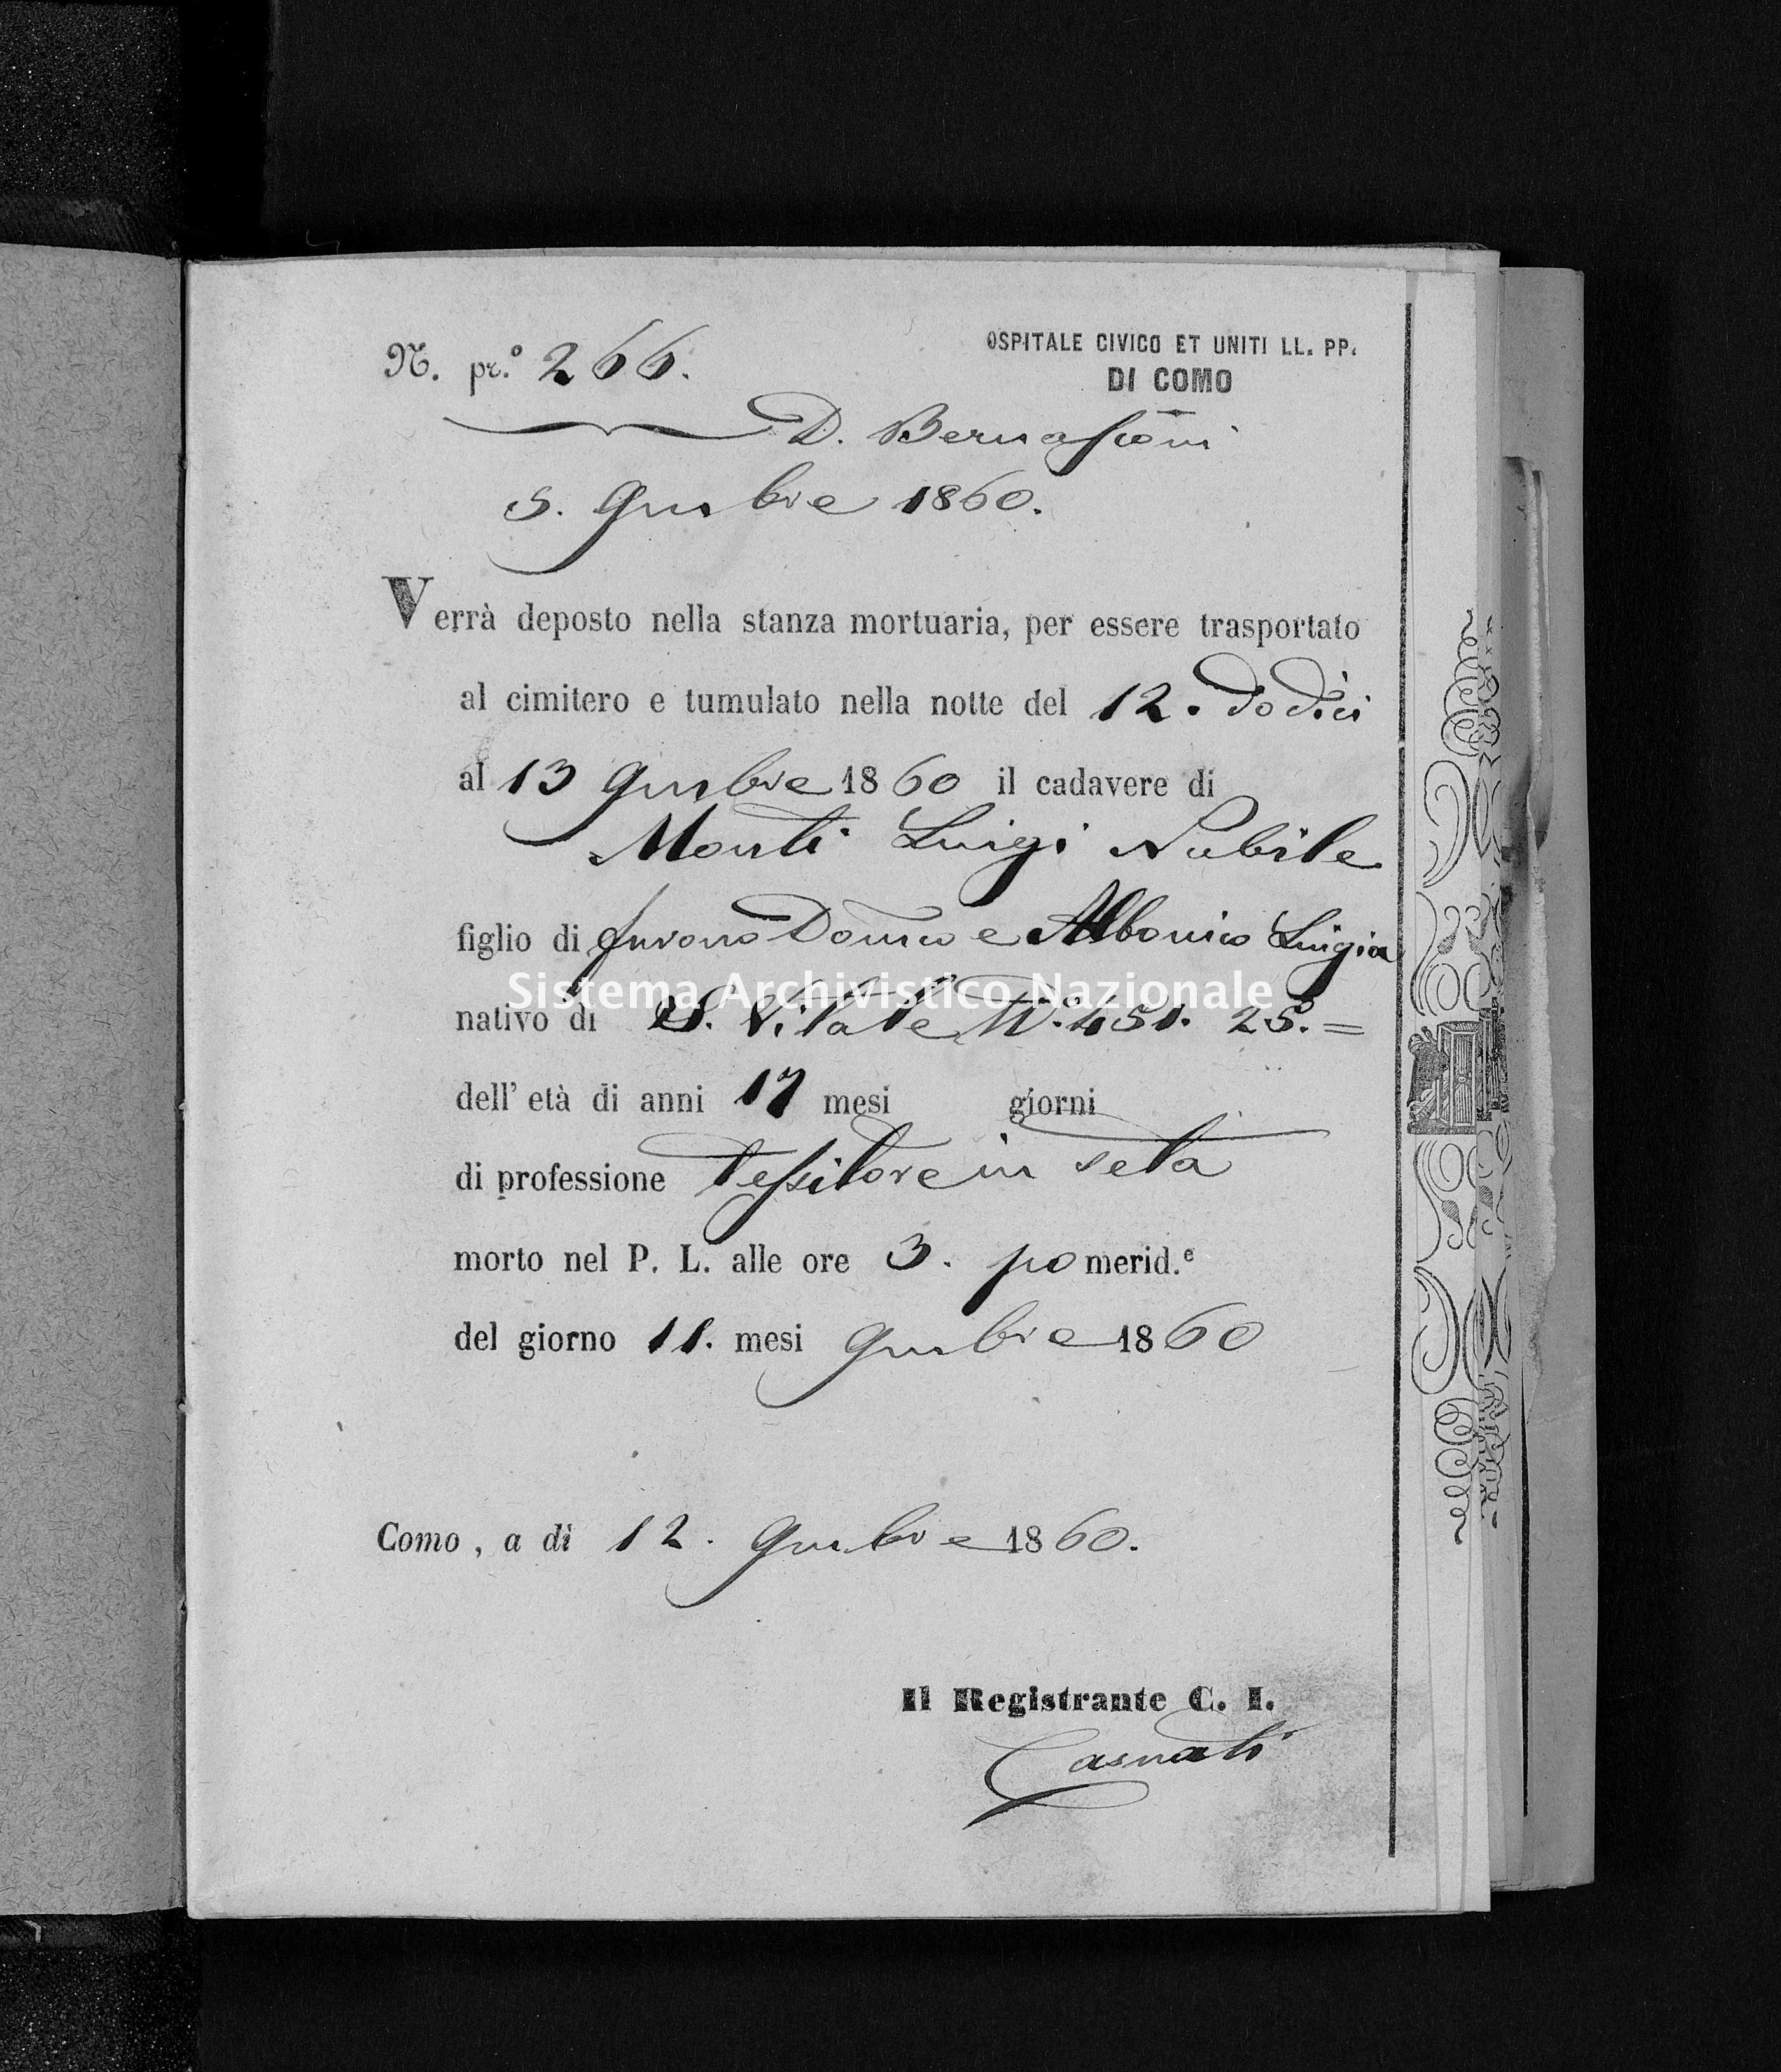 Archivio di stato di Como - Stato civile italiano - Como-(Ospedale-Civico-ed-Uniti) - Morti - 1860-1861 - 3776 -